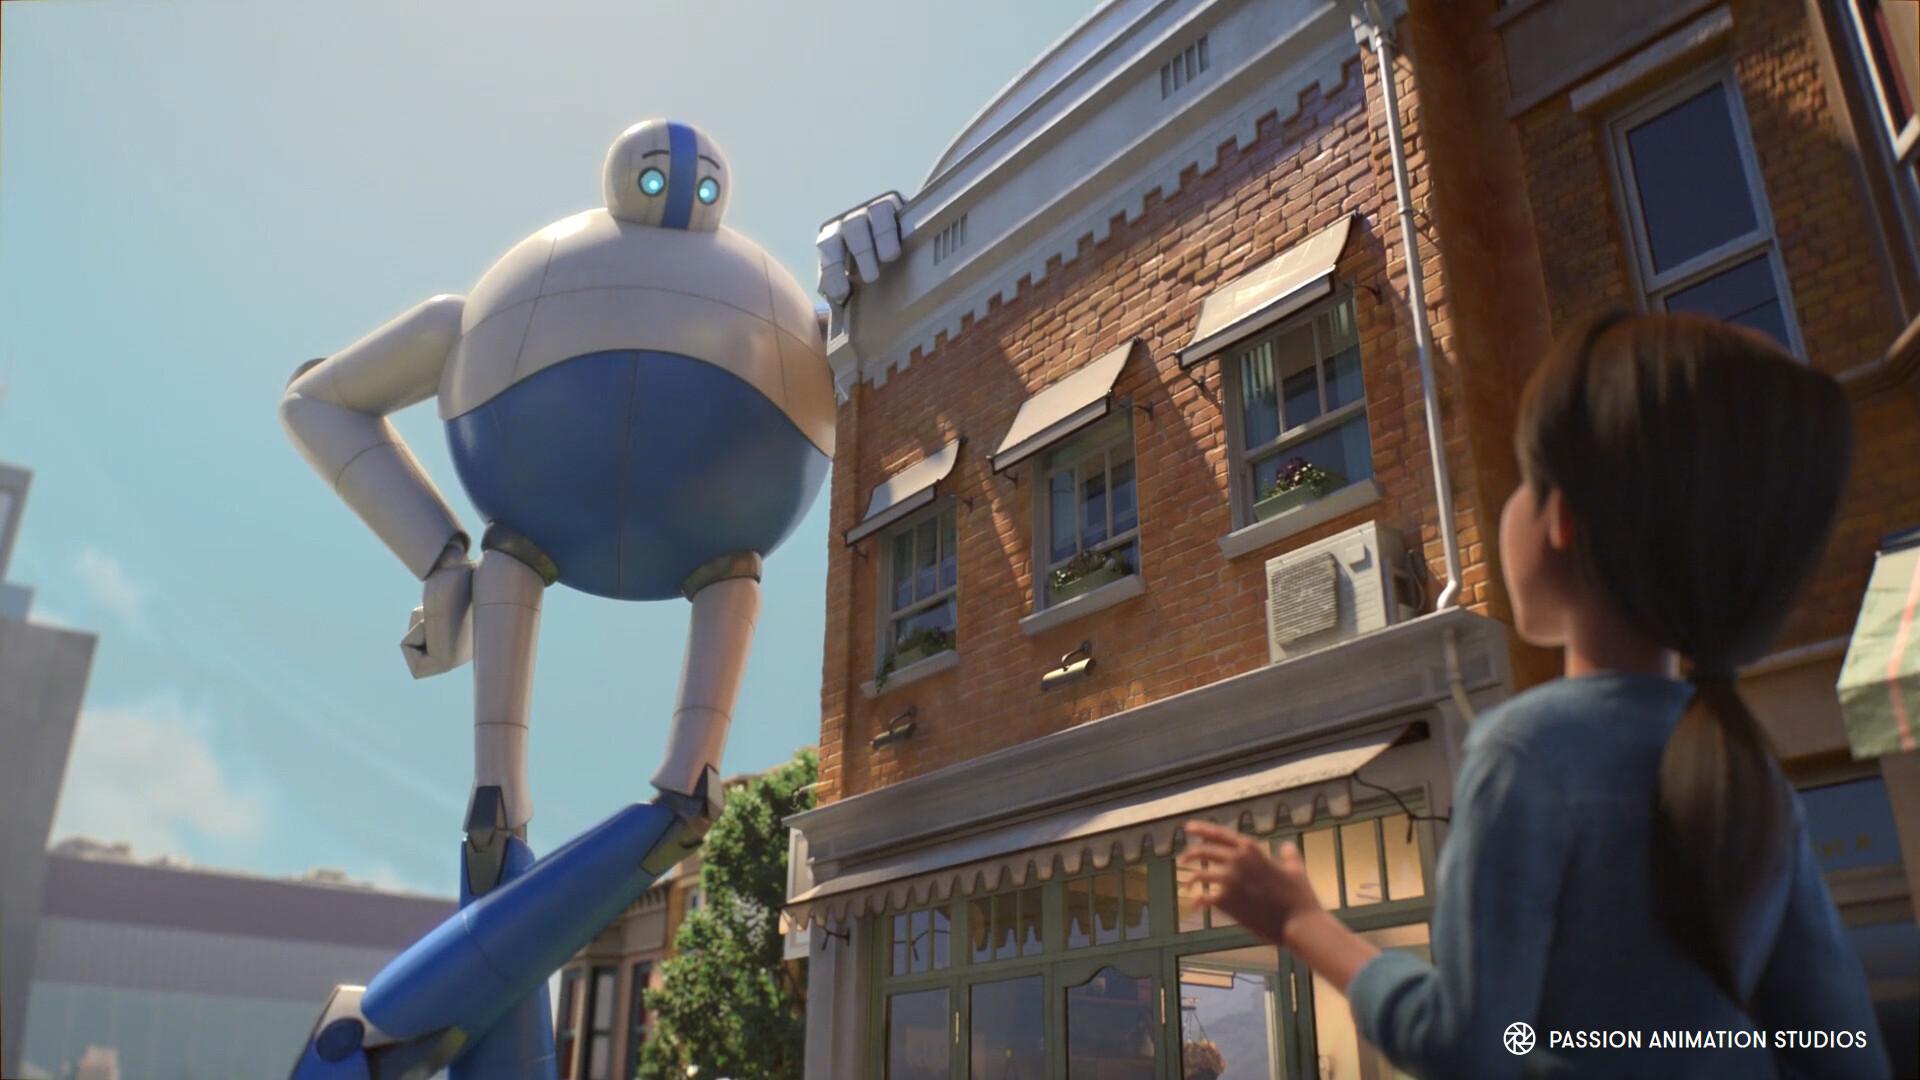 Giant robot modeling